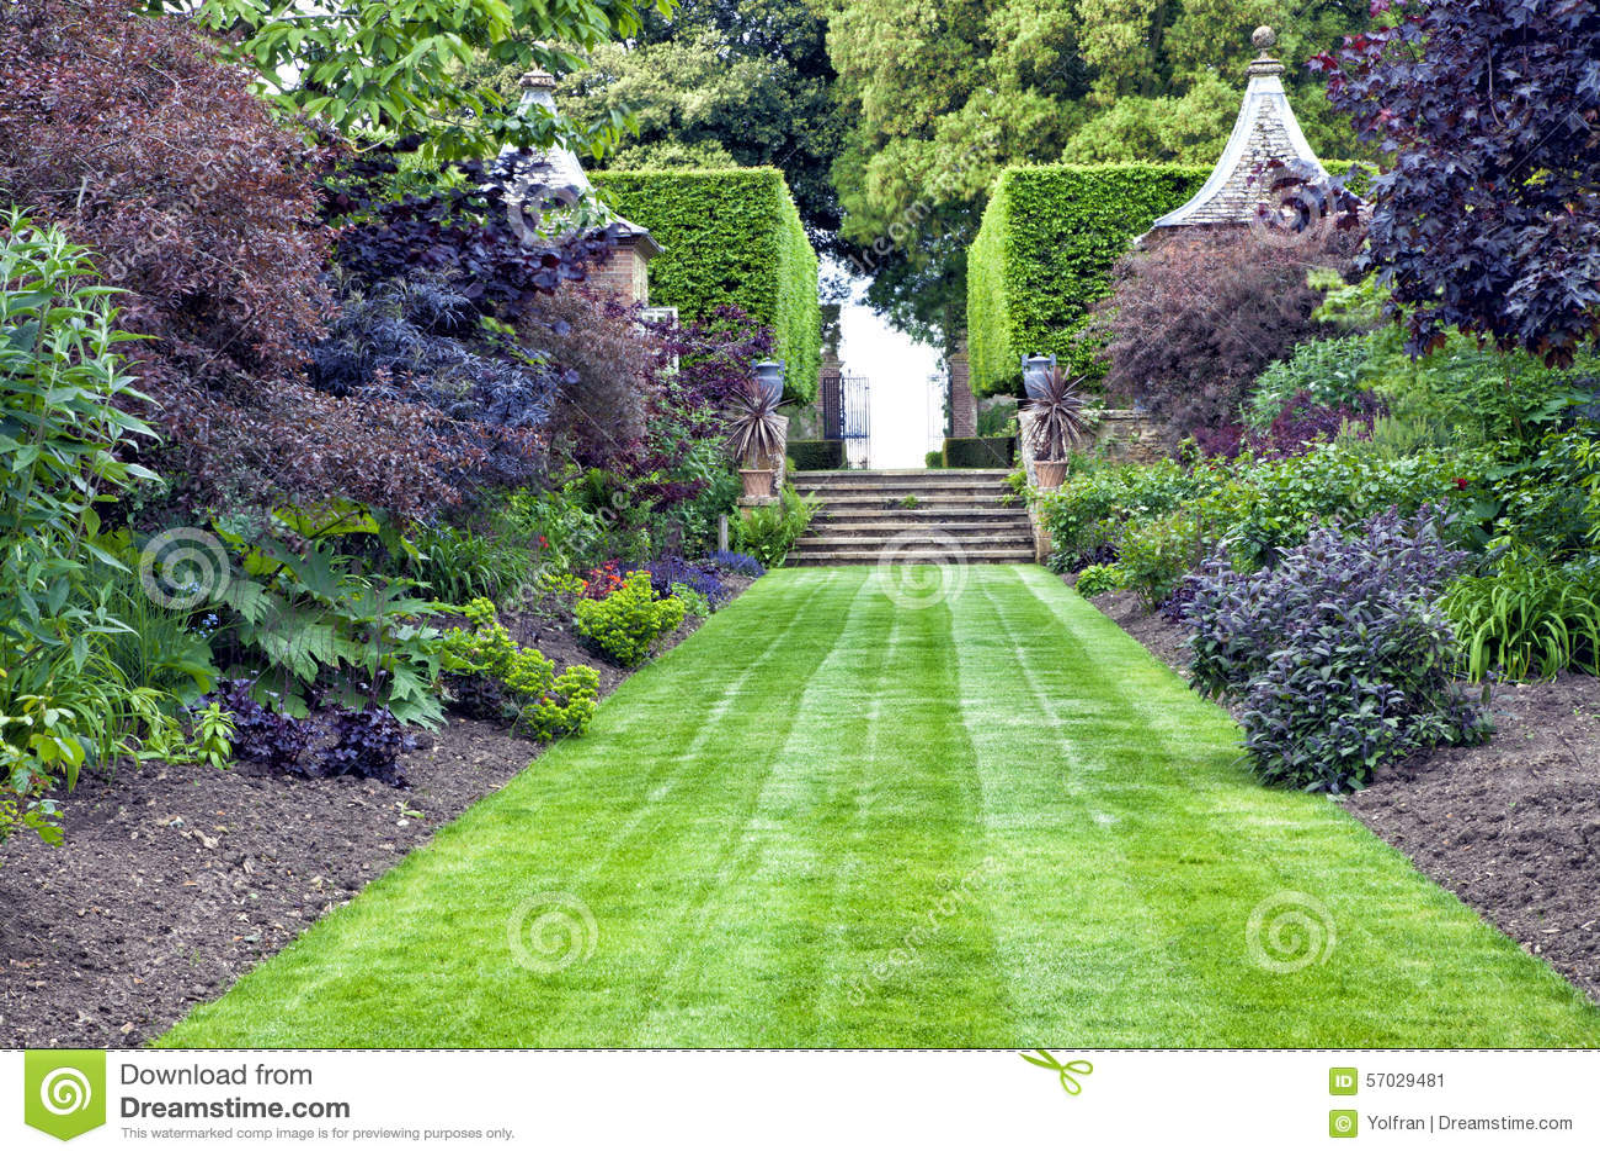 Erba il percorso che conduce per lapidare le scale in un giardino abbellito immagine stock - Scale in giardino ...